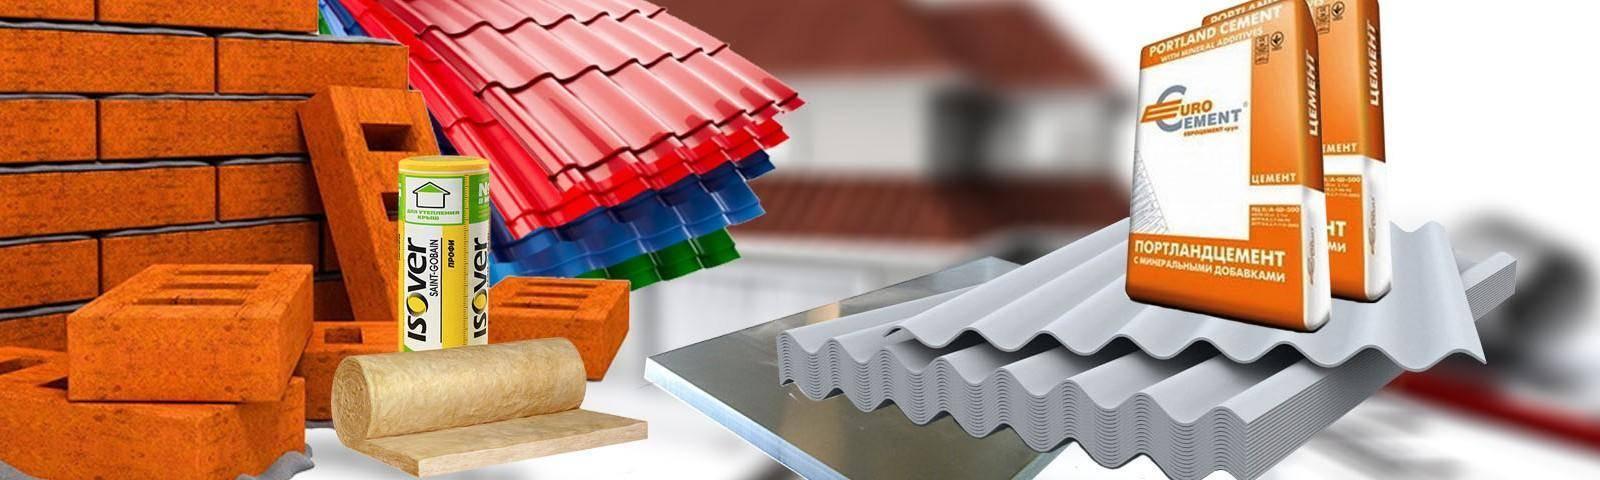 Каталог строительных материалов